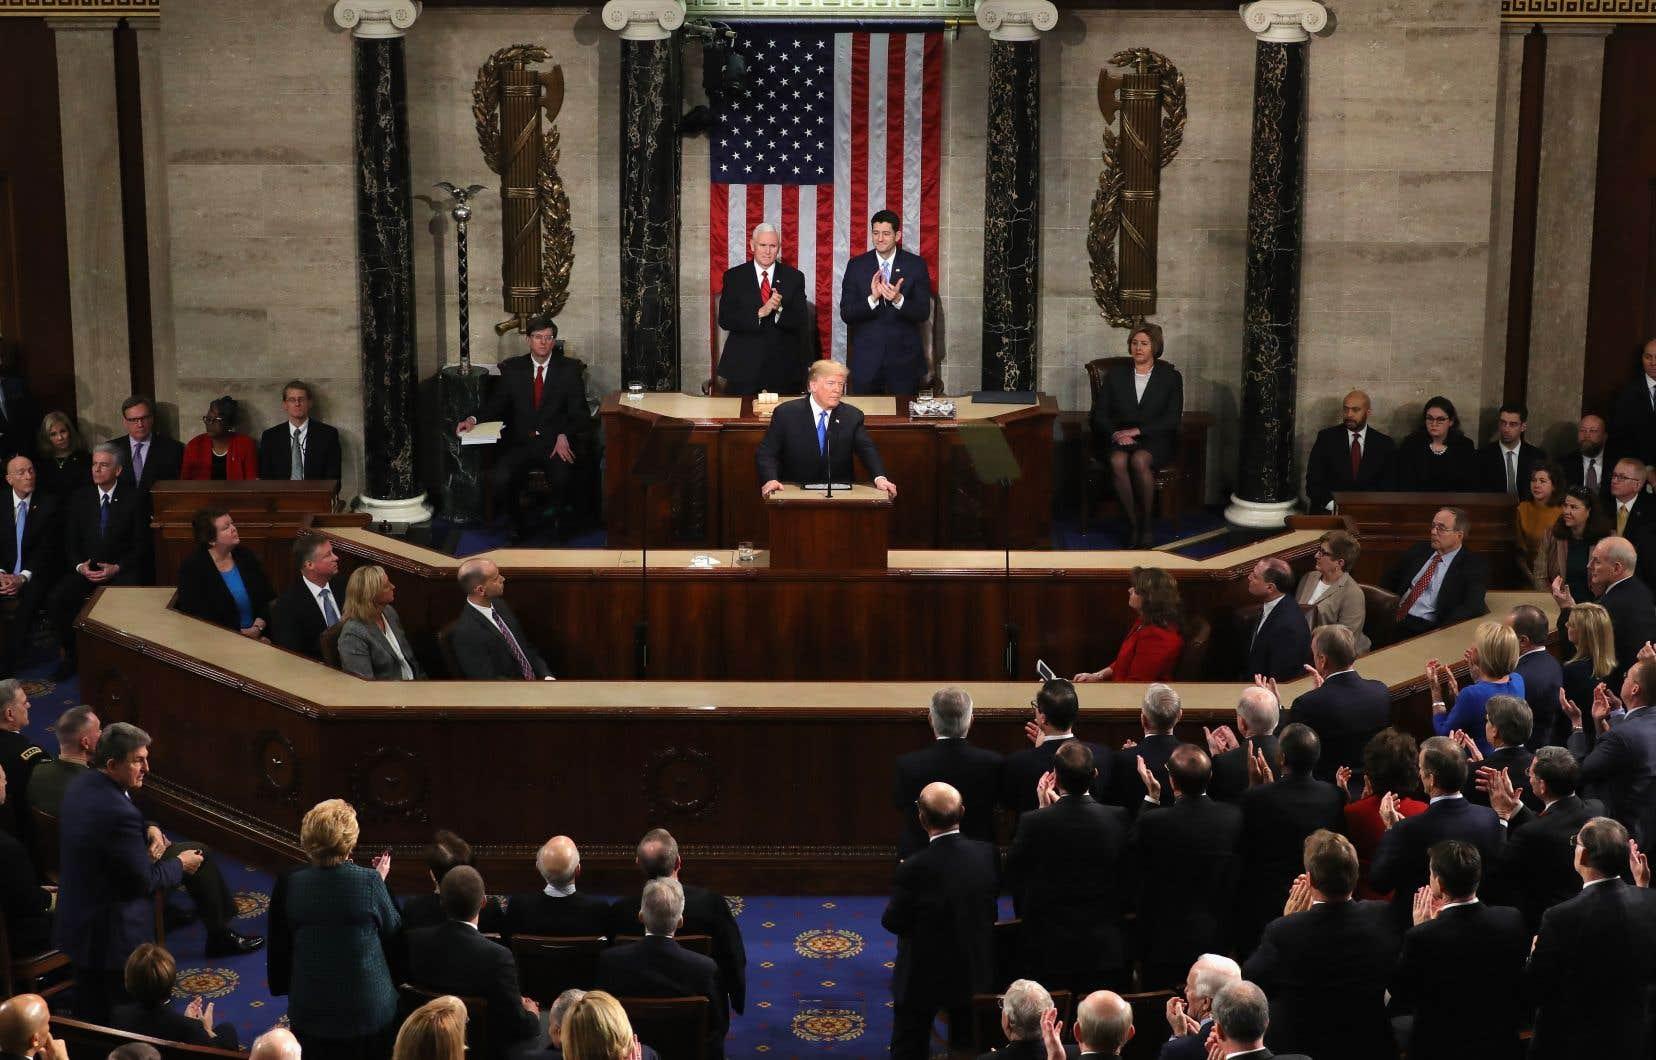 Le discours présidentiel mardi soir au Capitole aurait pu être l'occasion d'un apaisement, le ton général étant d'ailleurs conciliant. Mais, sur le thème de l'immigration, Donald Trump a voulu davantage rassurer sa base la plus conservatrice que faire un pas vers ses opposants.